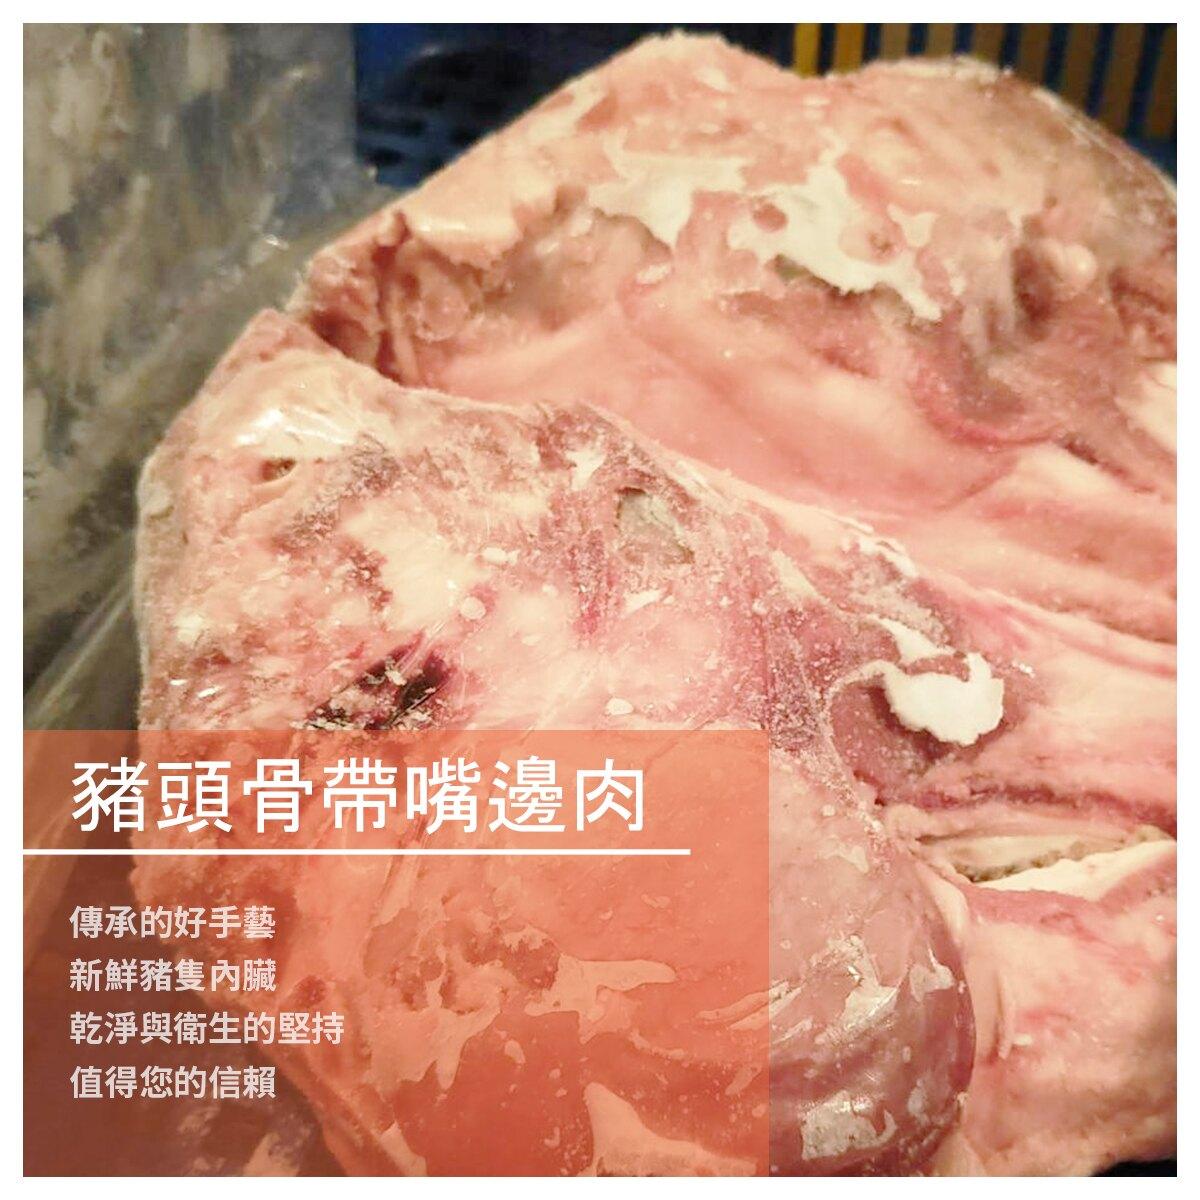 【文仔豬內臟批發】豬頭骨帶嘴邊肉/顆